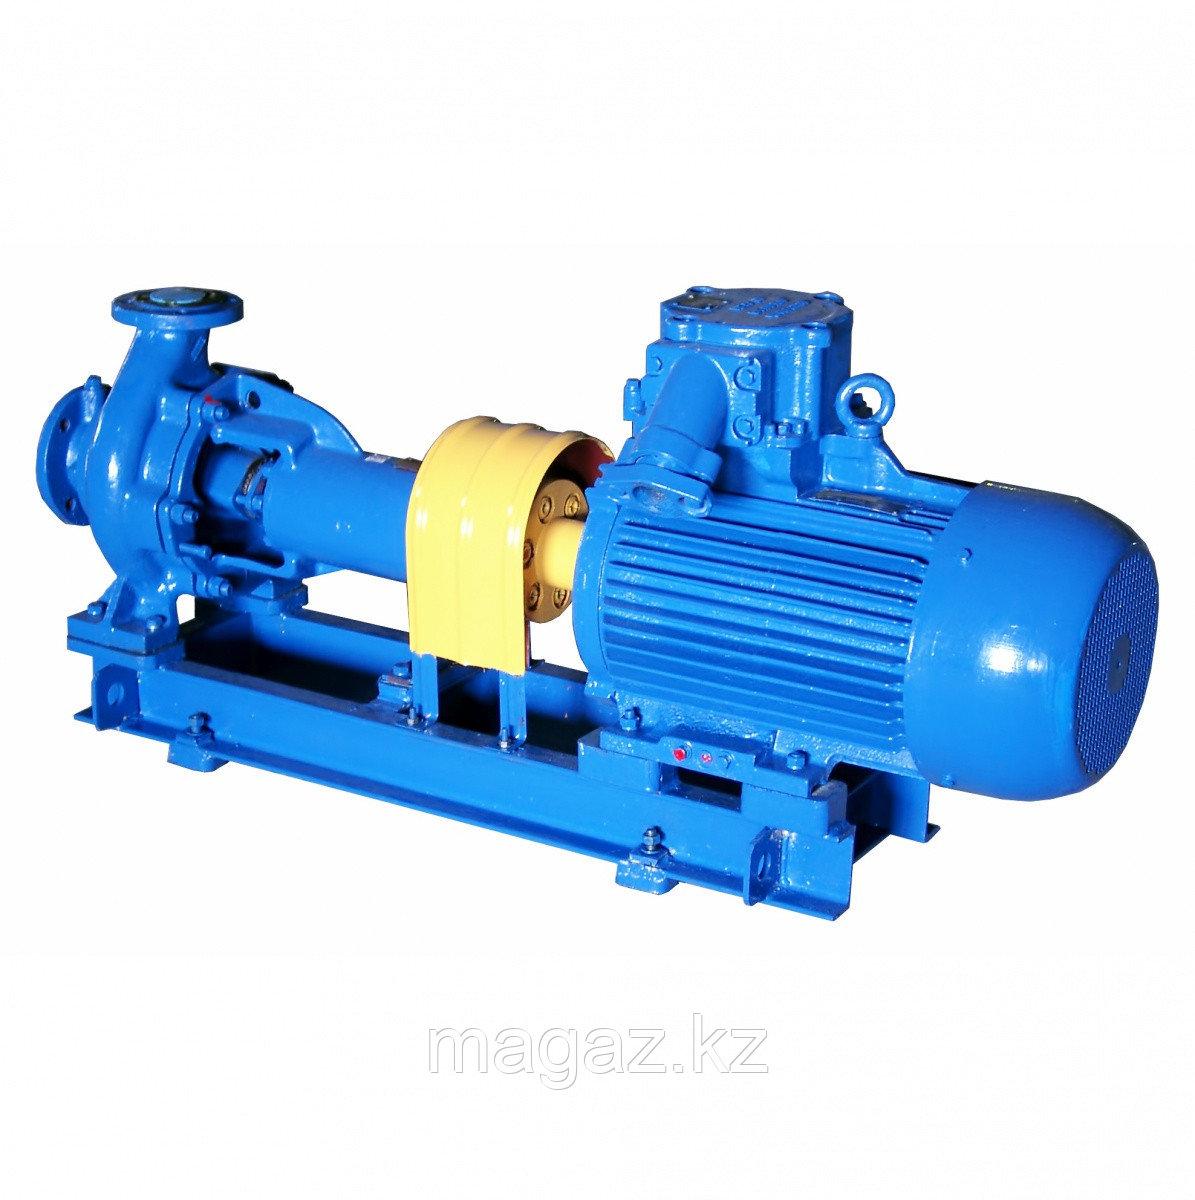 Фекальный насос СМ 100-65-250-2б